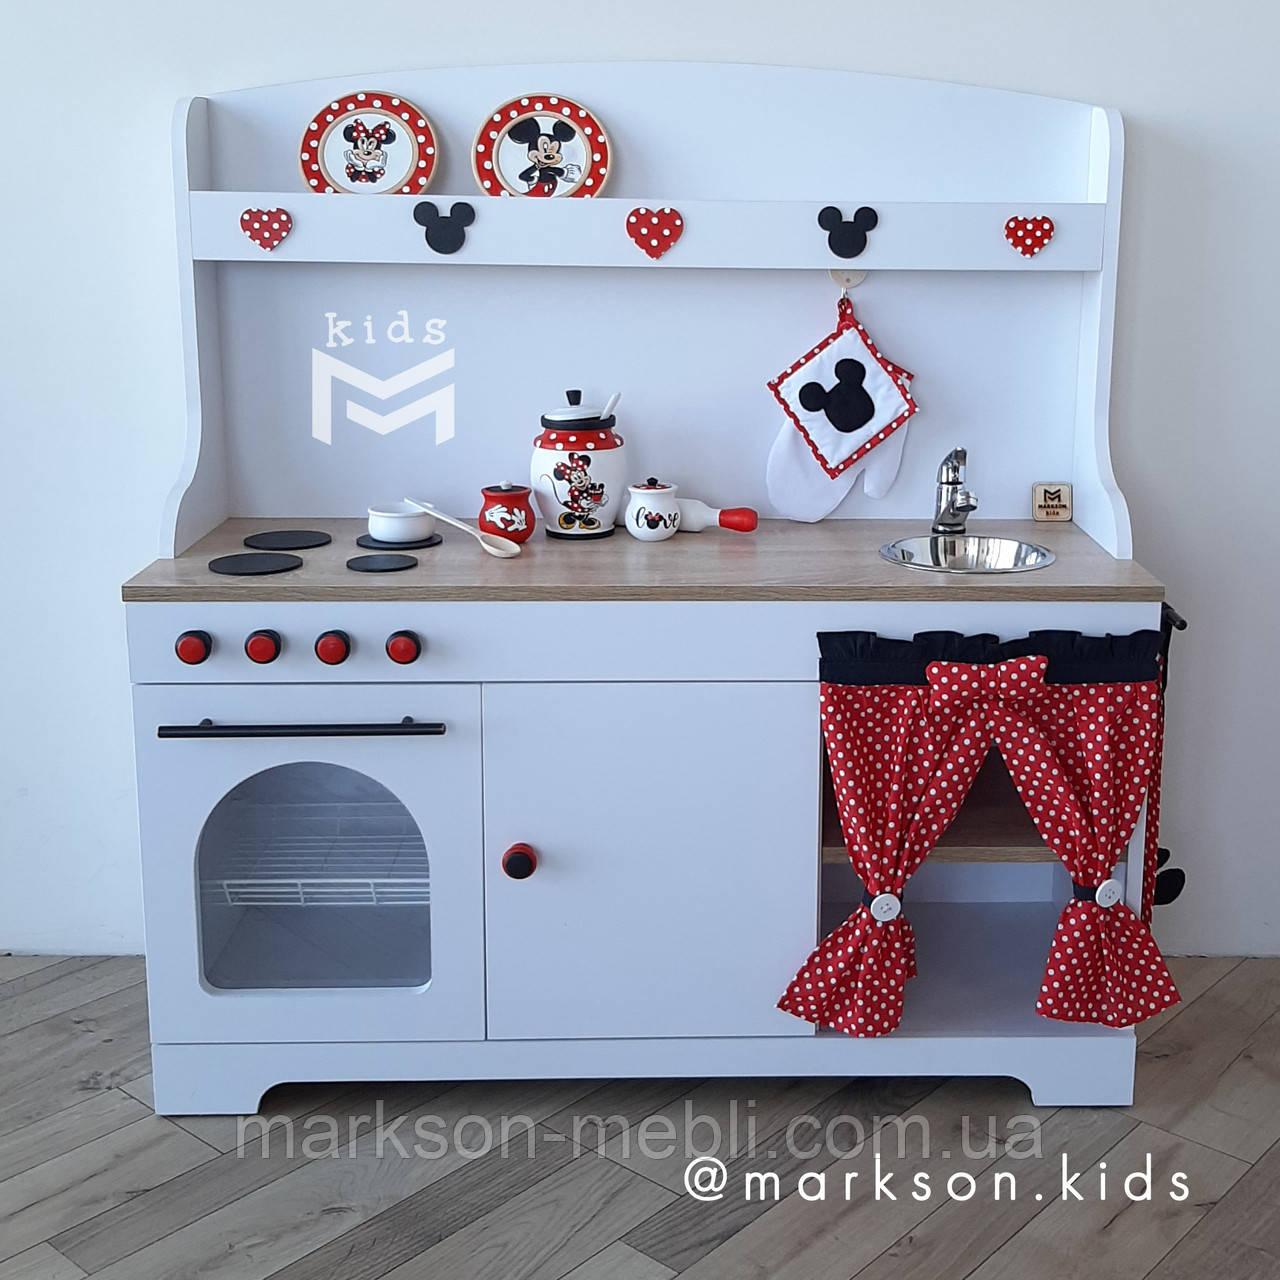 Детская кухня - Міккі - MINI